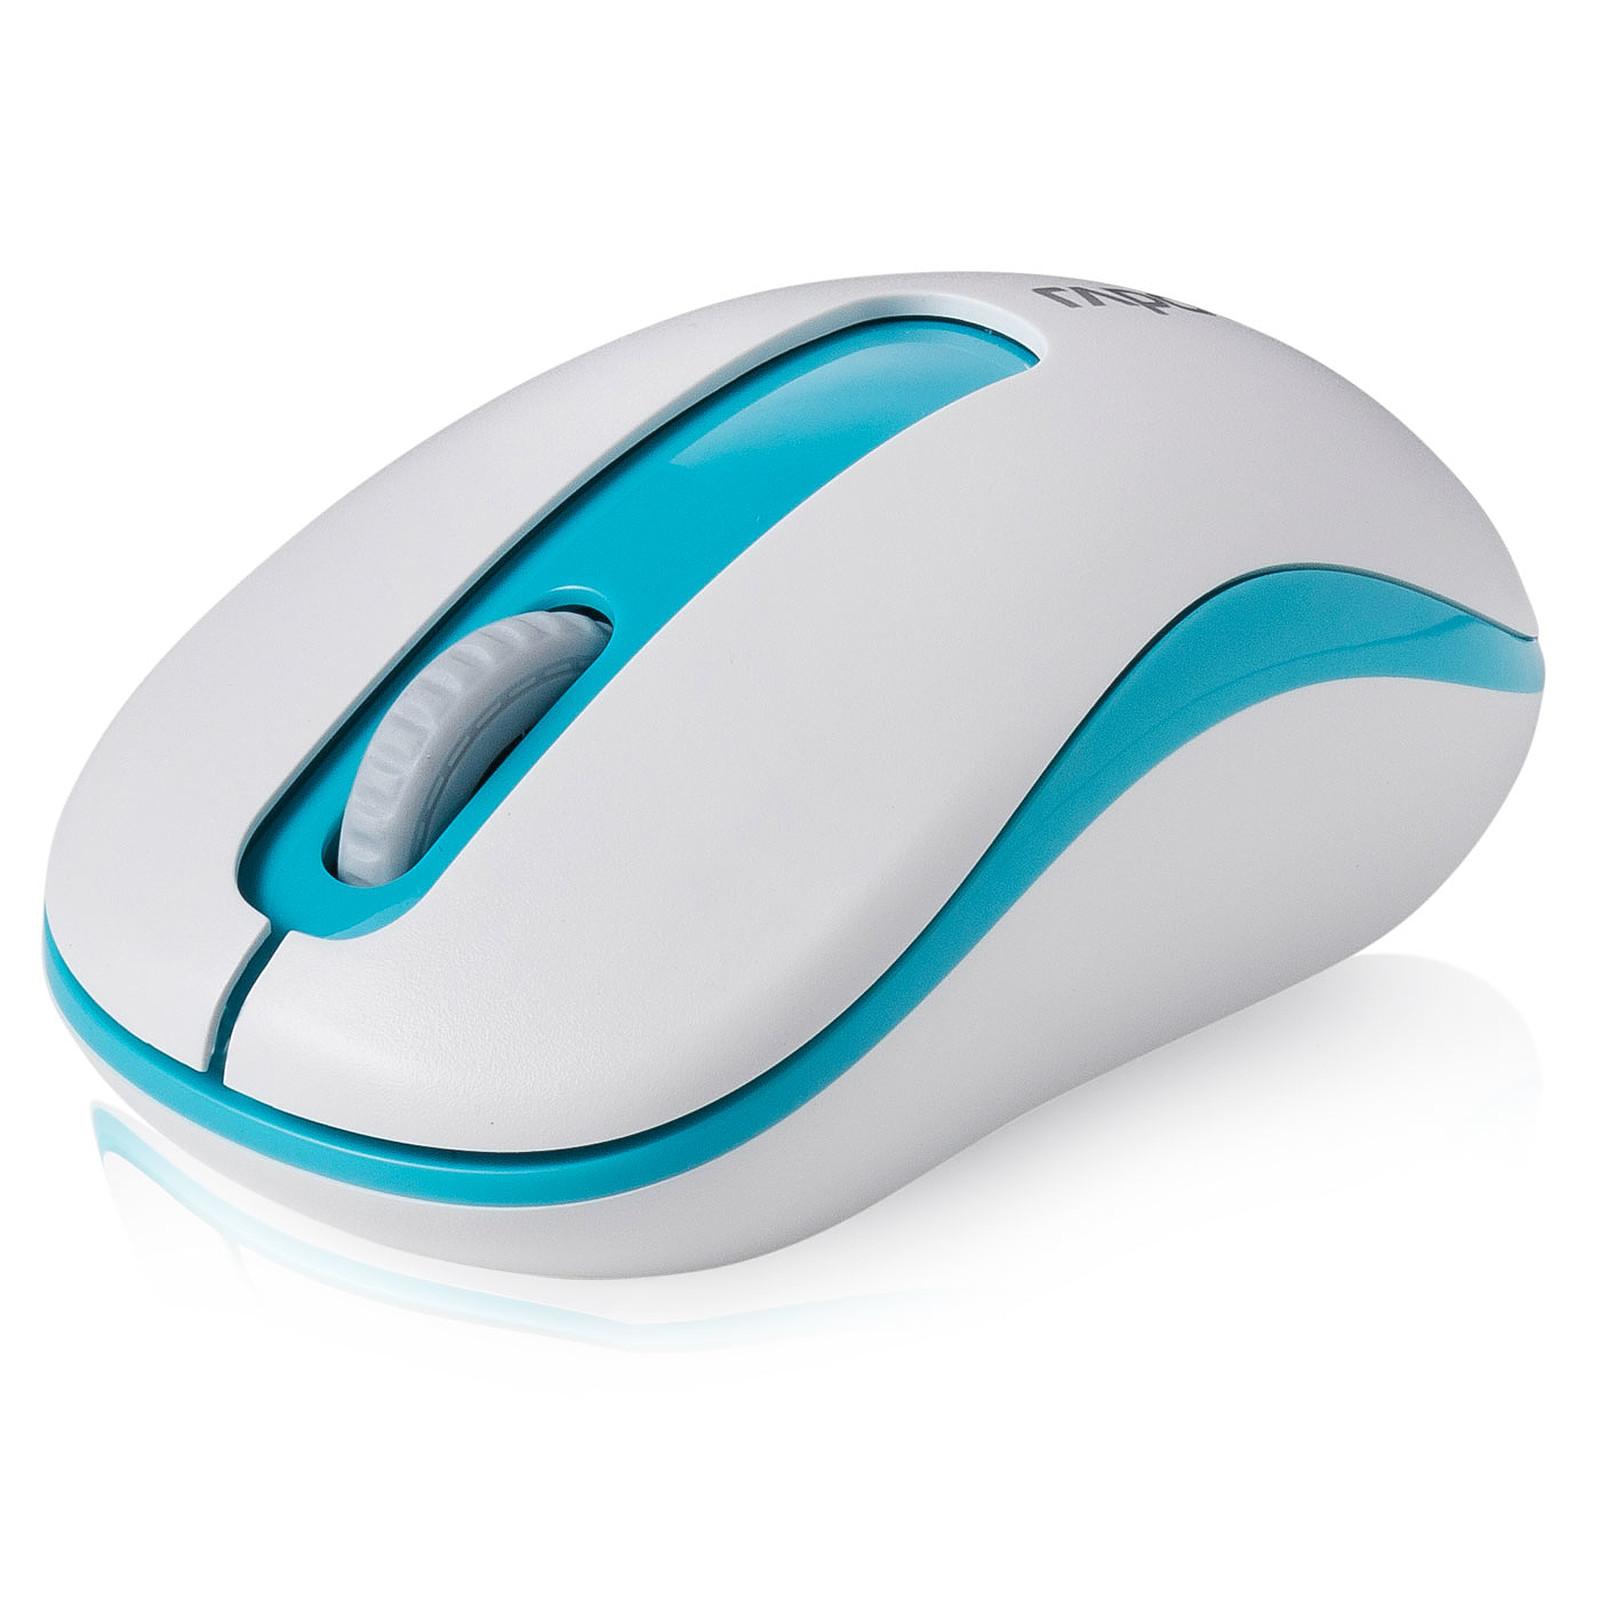 Rapoo M10+ (Blanc/Bleu)